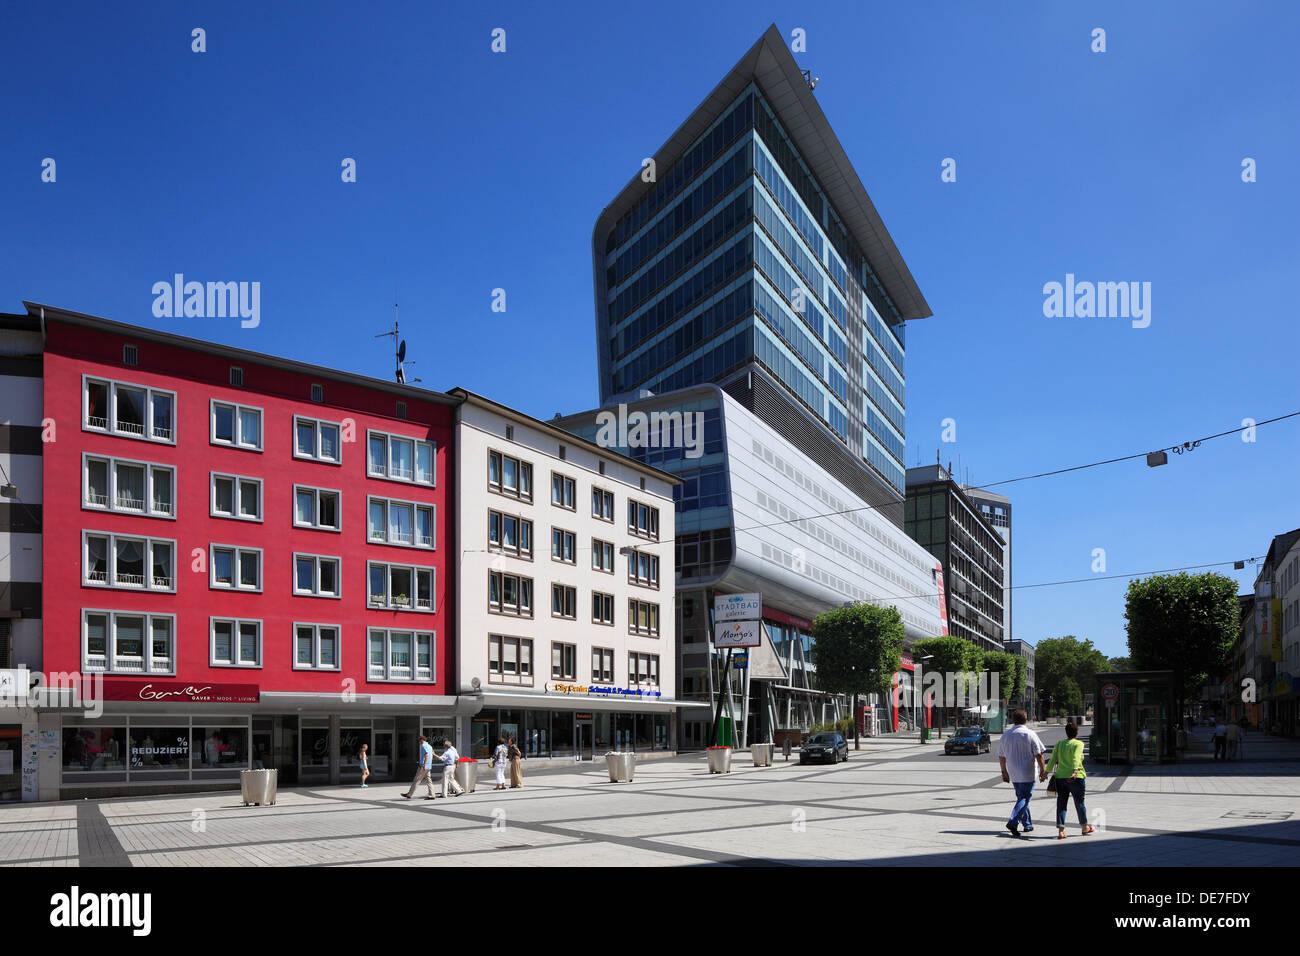 Stadtbadgalerie, 'Bochumer Fenster', Multifunktionsgebaeude im Stadtzentrum von Bochum, Ruhrgebiet, Nordrhein-Westfalen - Stock Image